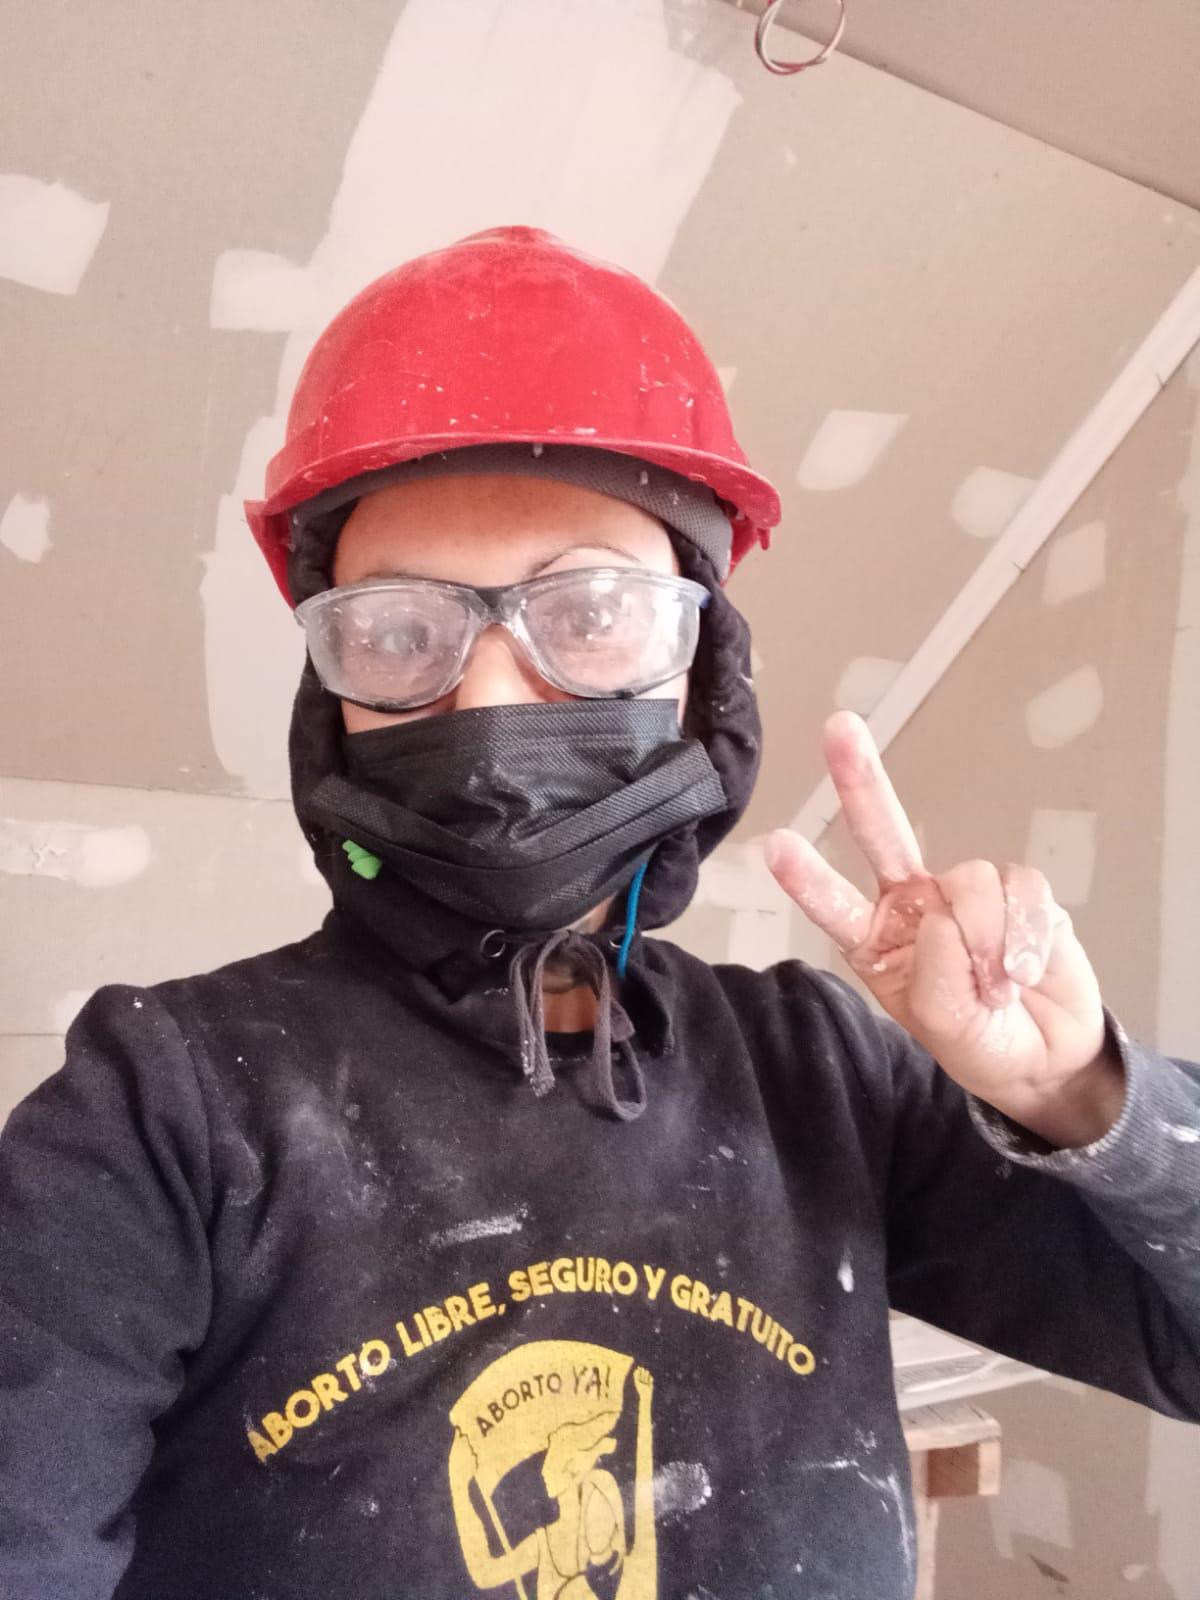 Ingrid Sol Heredia: La obrera de la construcción, activista feminista y destacada poeta de Tierras Blancas que aspira a un escaño como CORE de la Región de Coquimbo